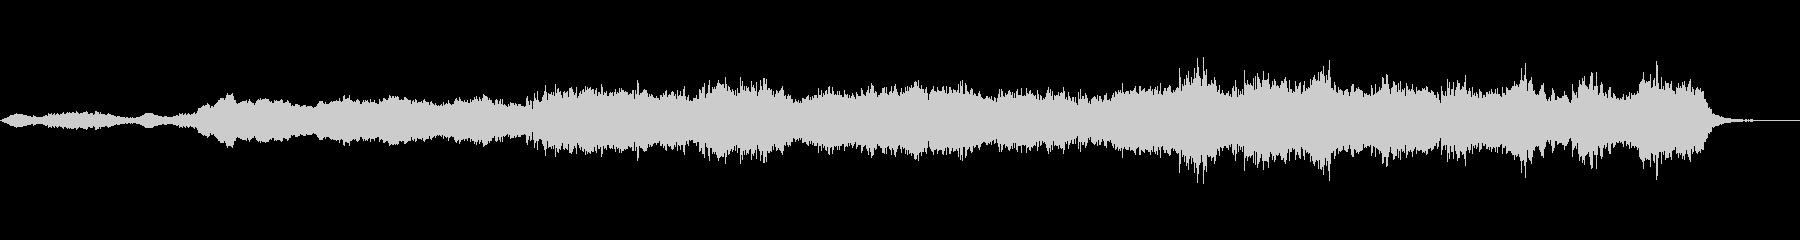 静かで恐怖感や不安のあるBGMの曲の未再生の波形